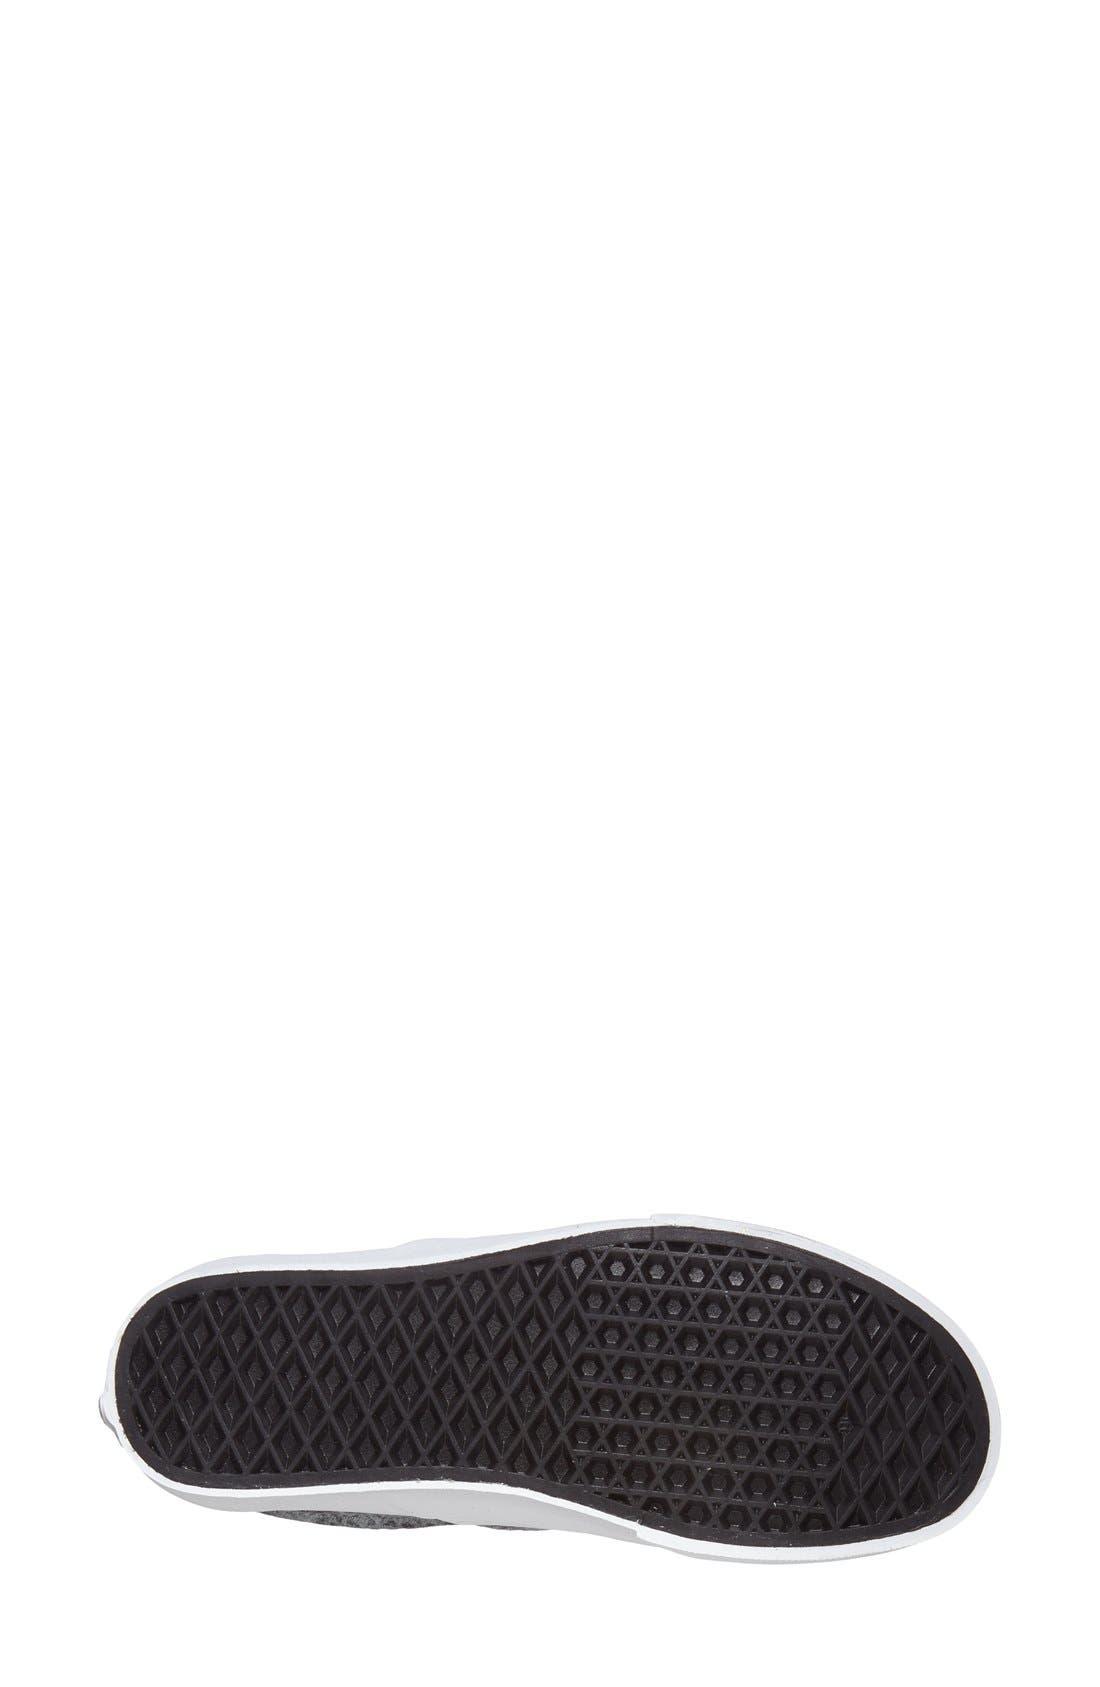 Alternate Image 4  - Vans 'Classic - Pebble Snake' Slip-On Sneaker (Women)